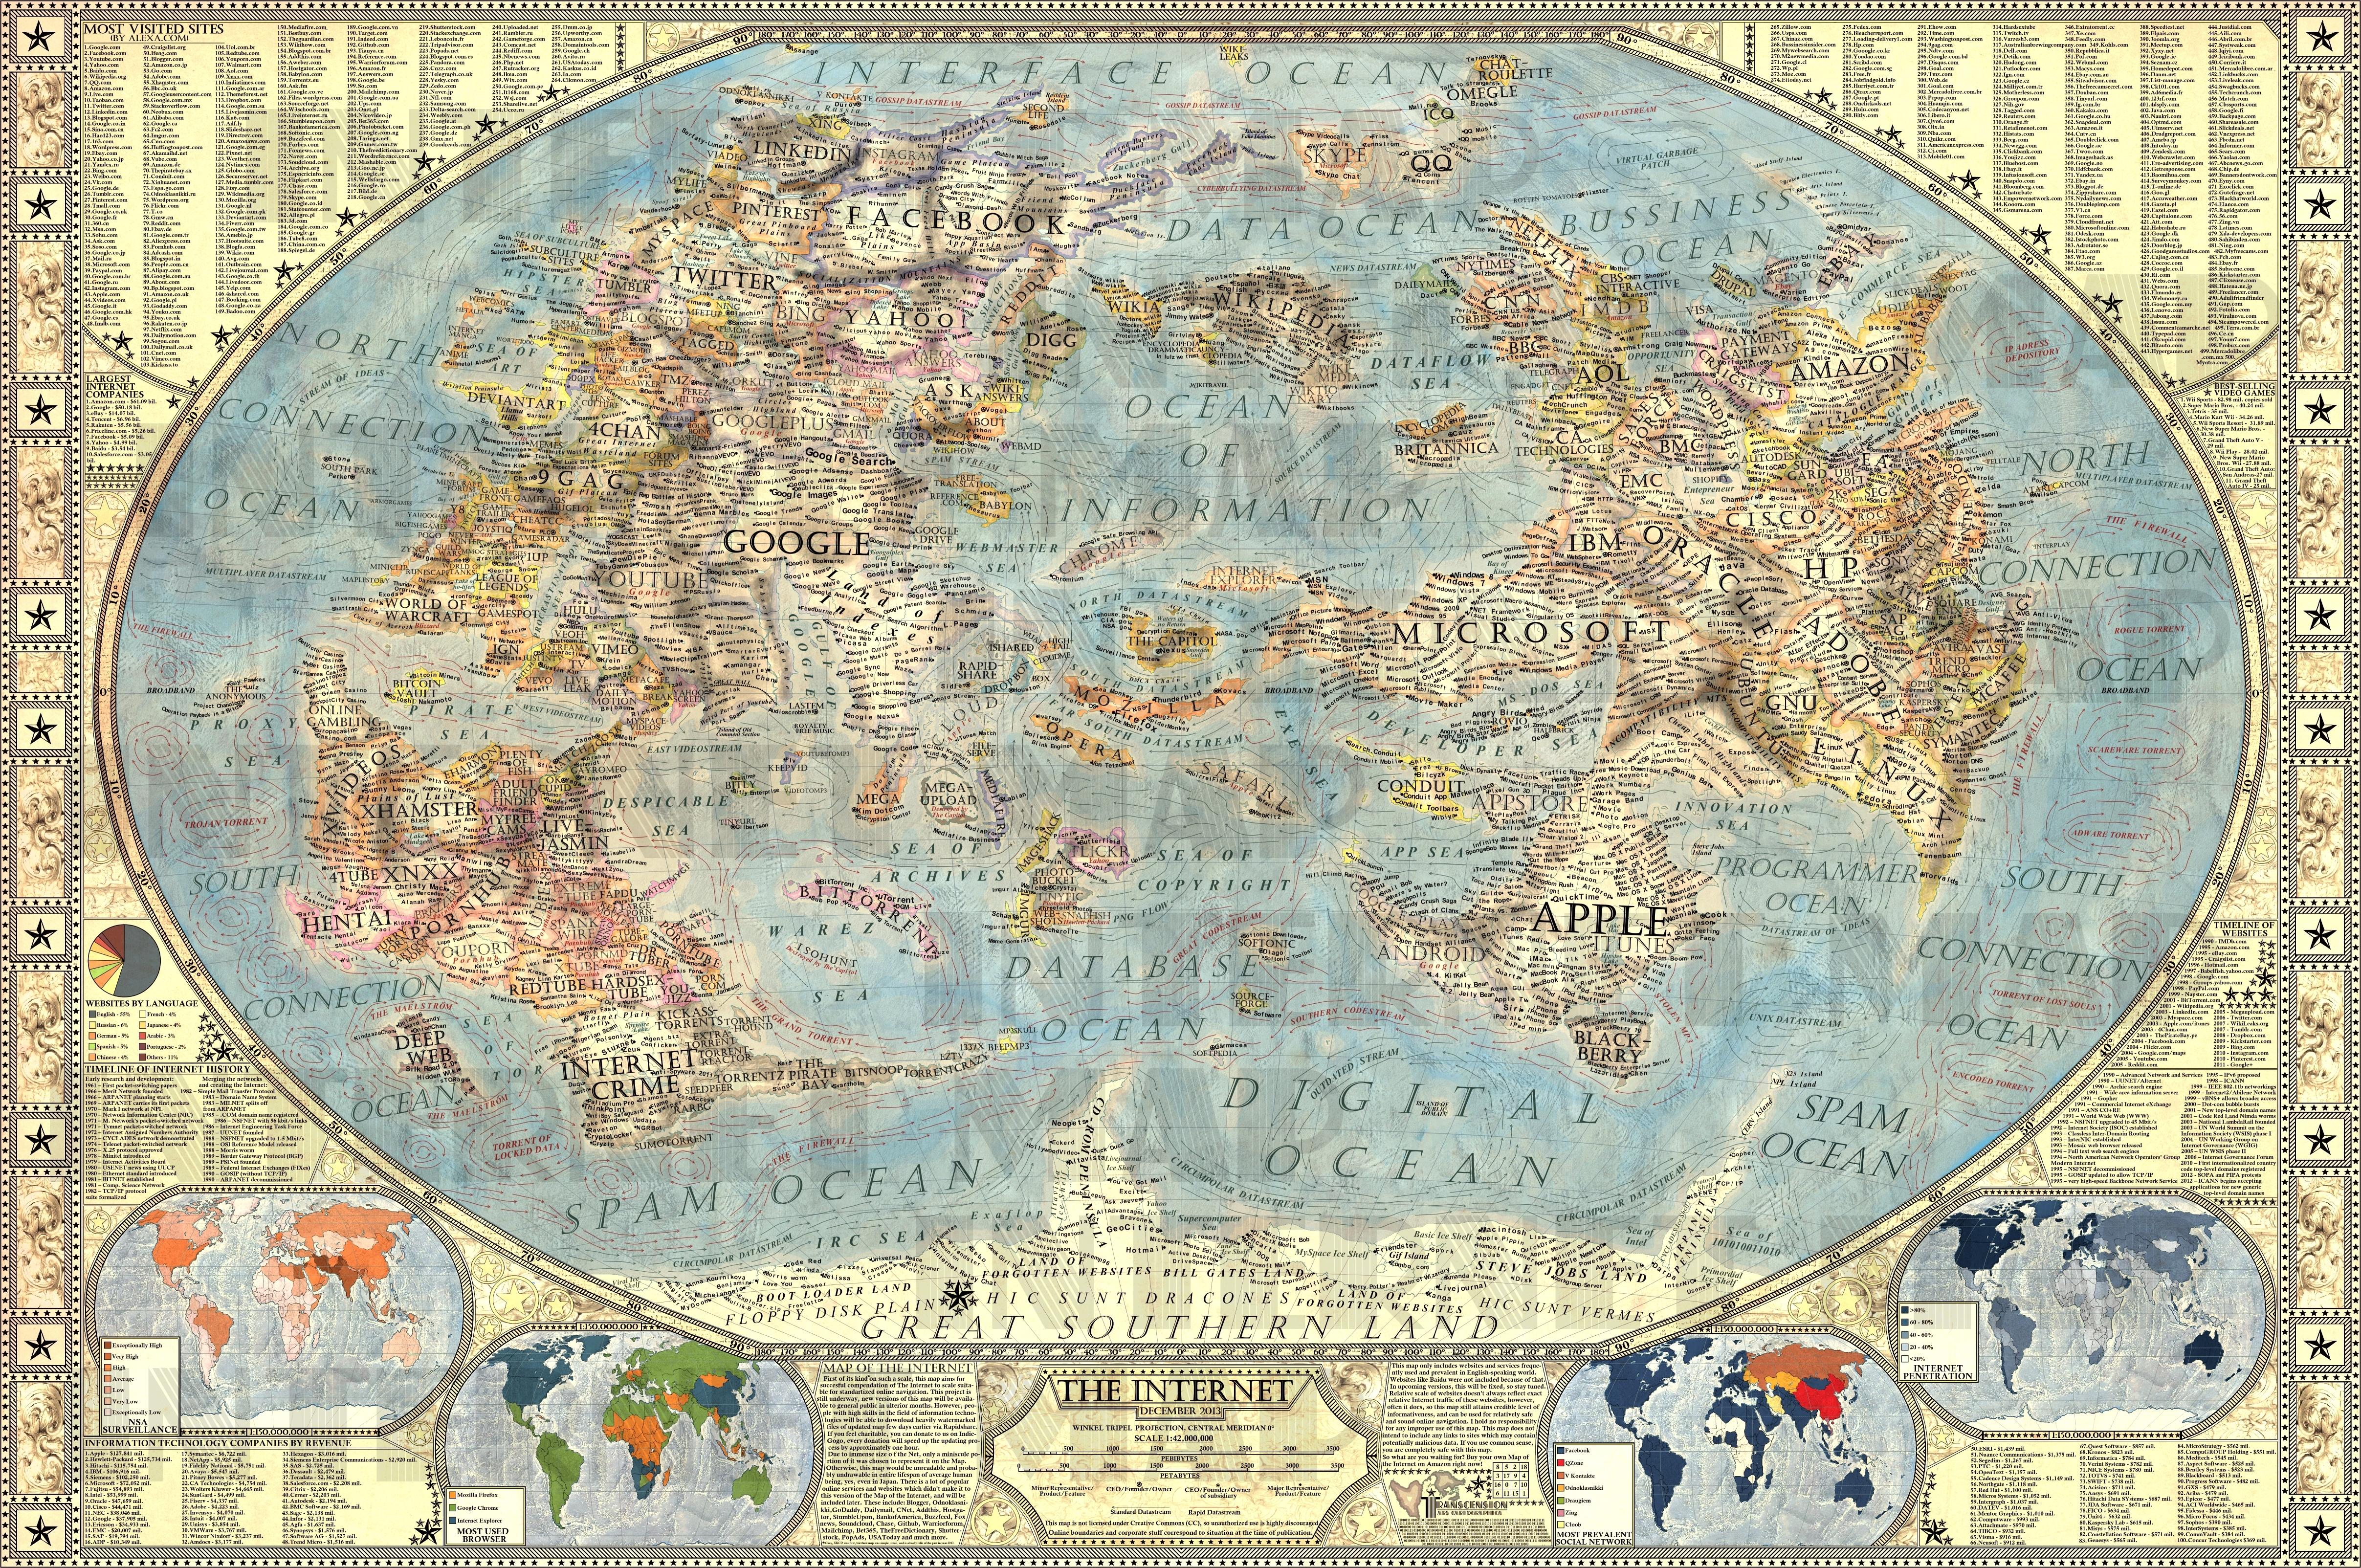 Карта вебсайтов и Интернет-явлений